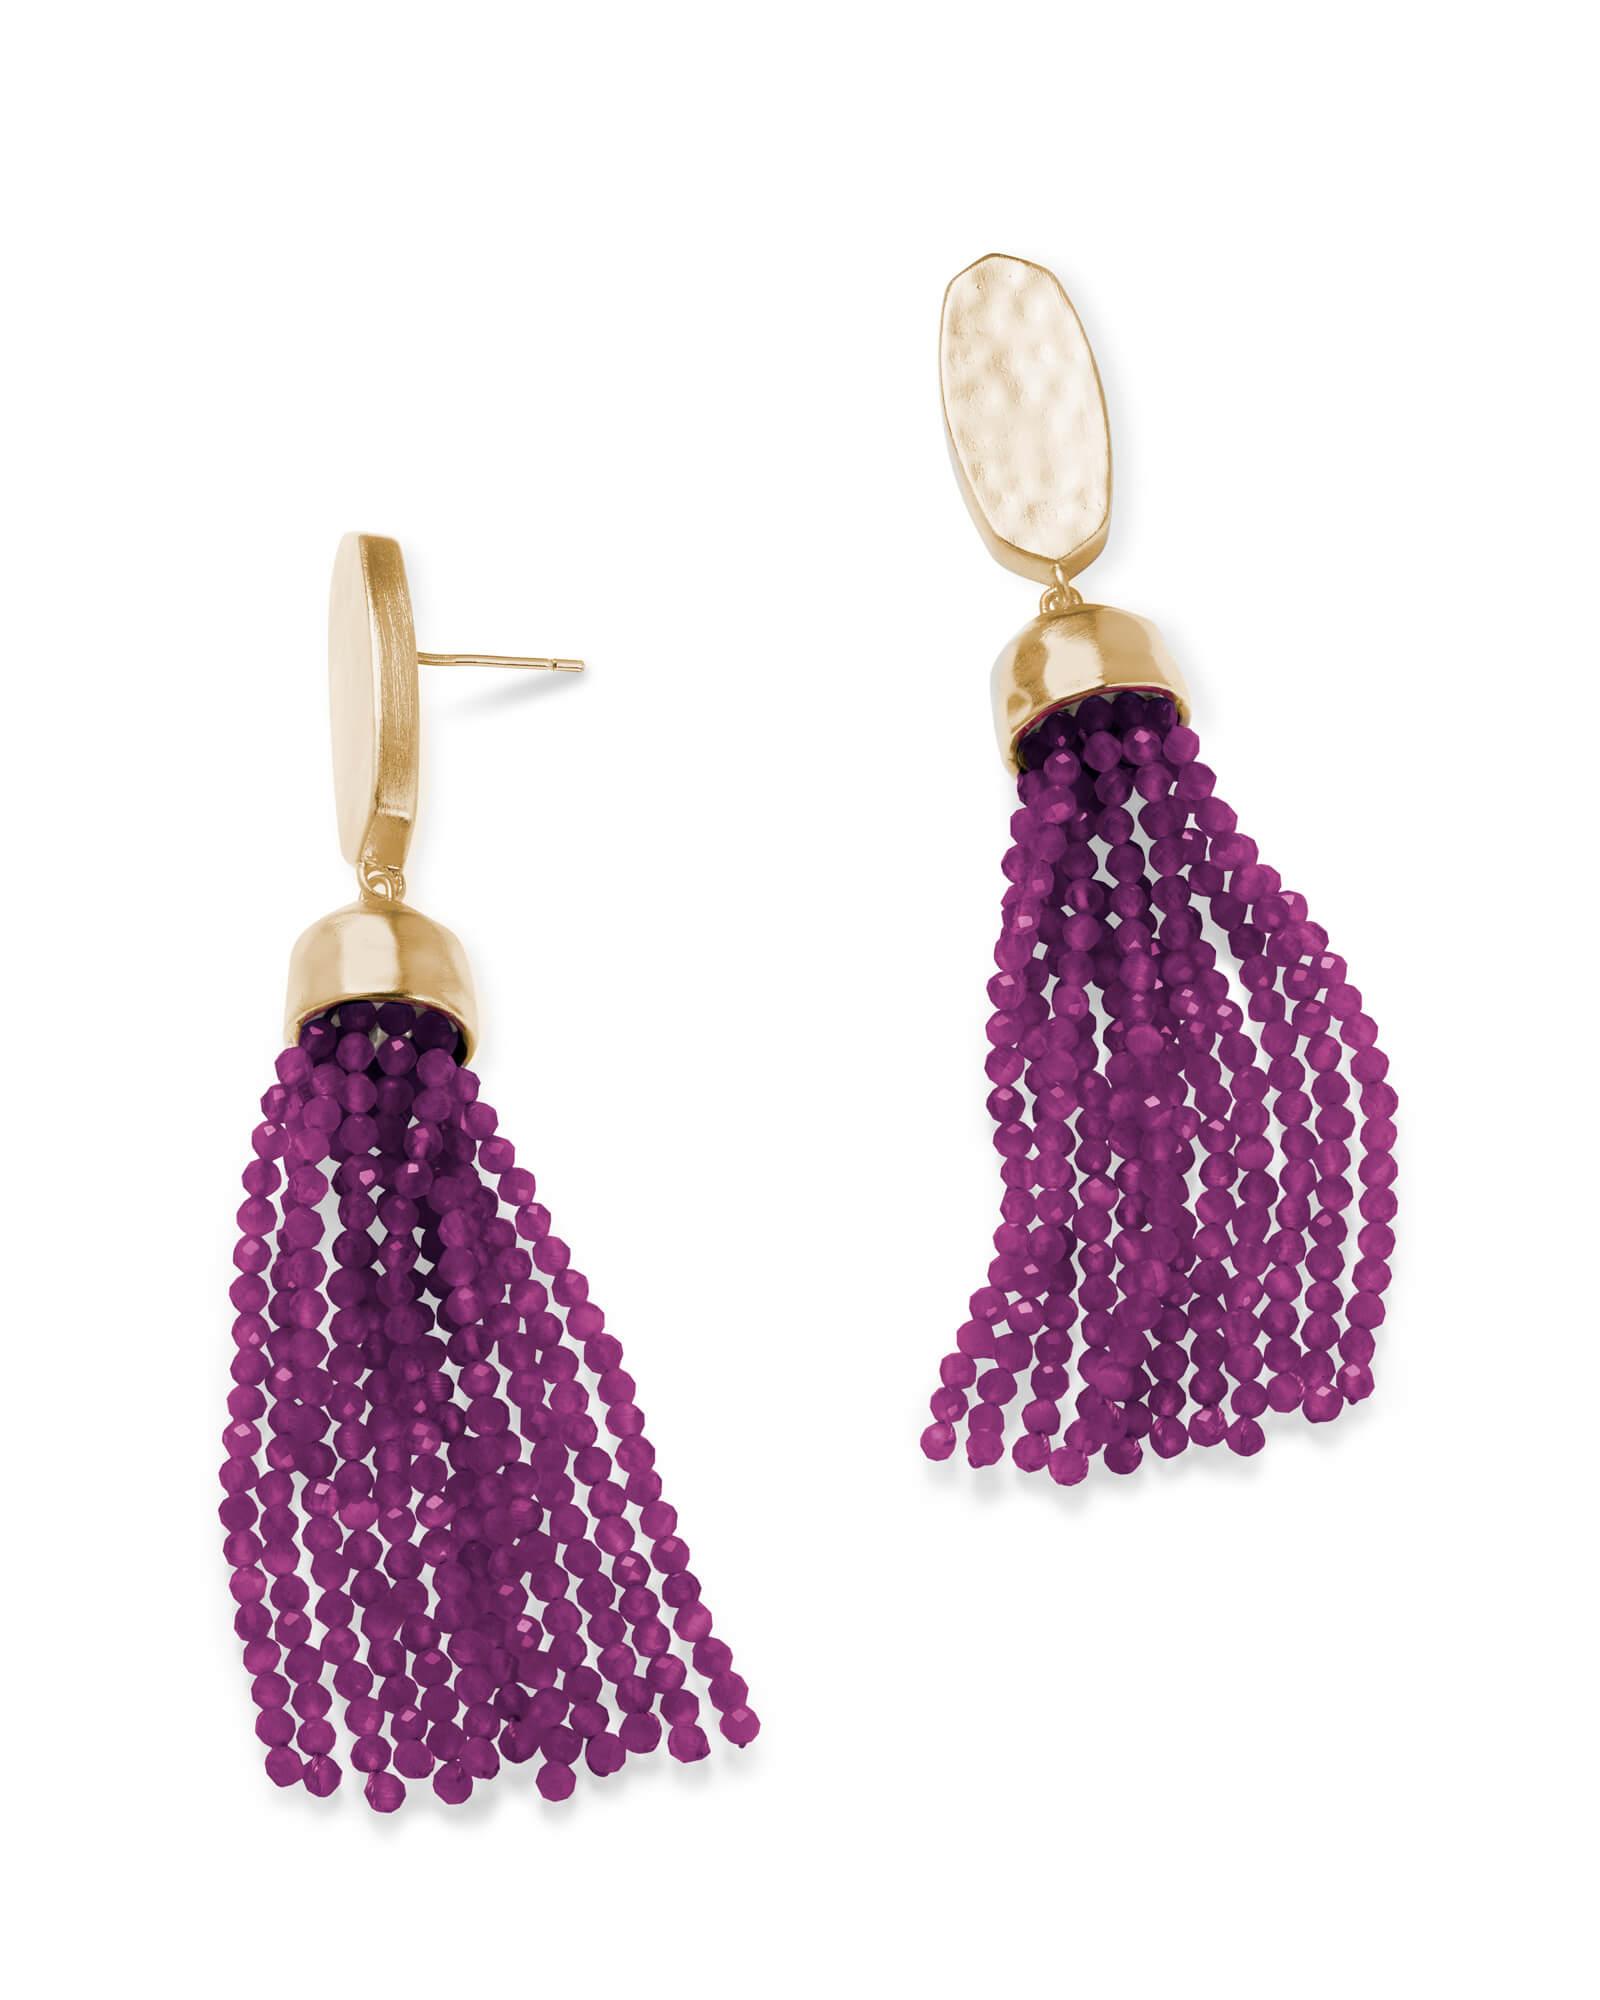 Marin Gold Statement Earrings In Purple Jade